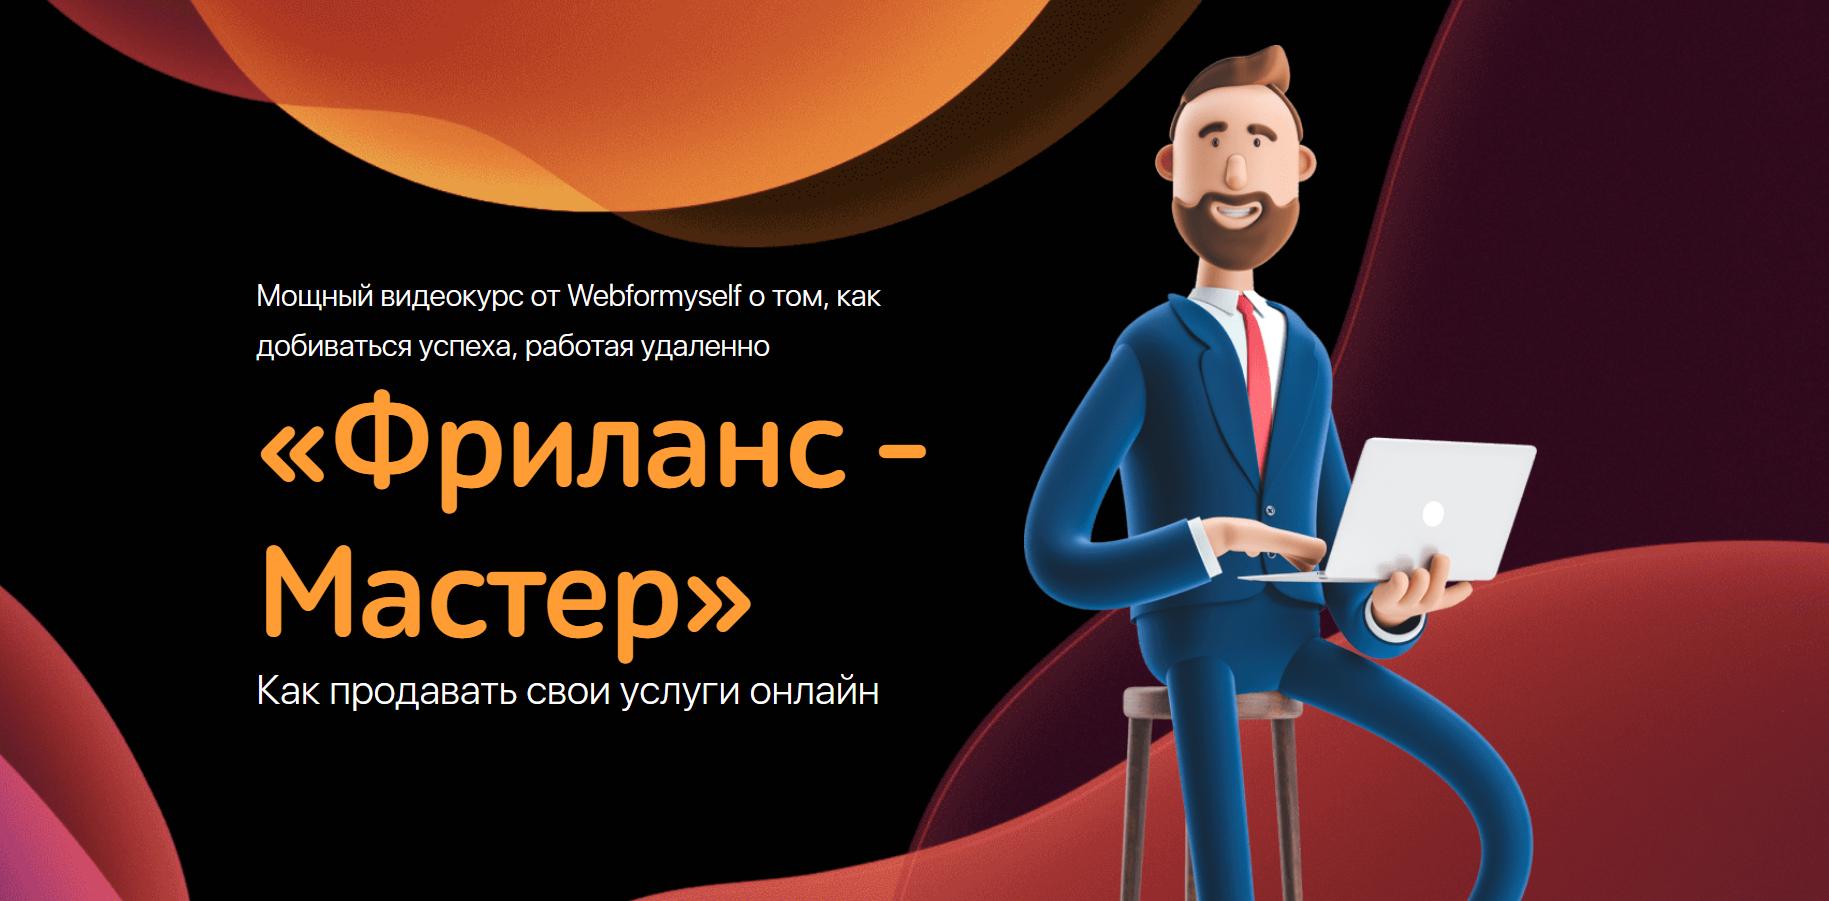 Курсы фриланса онлайн бесплатно для новичков фриланс дизайн меню